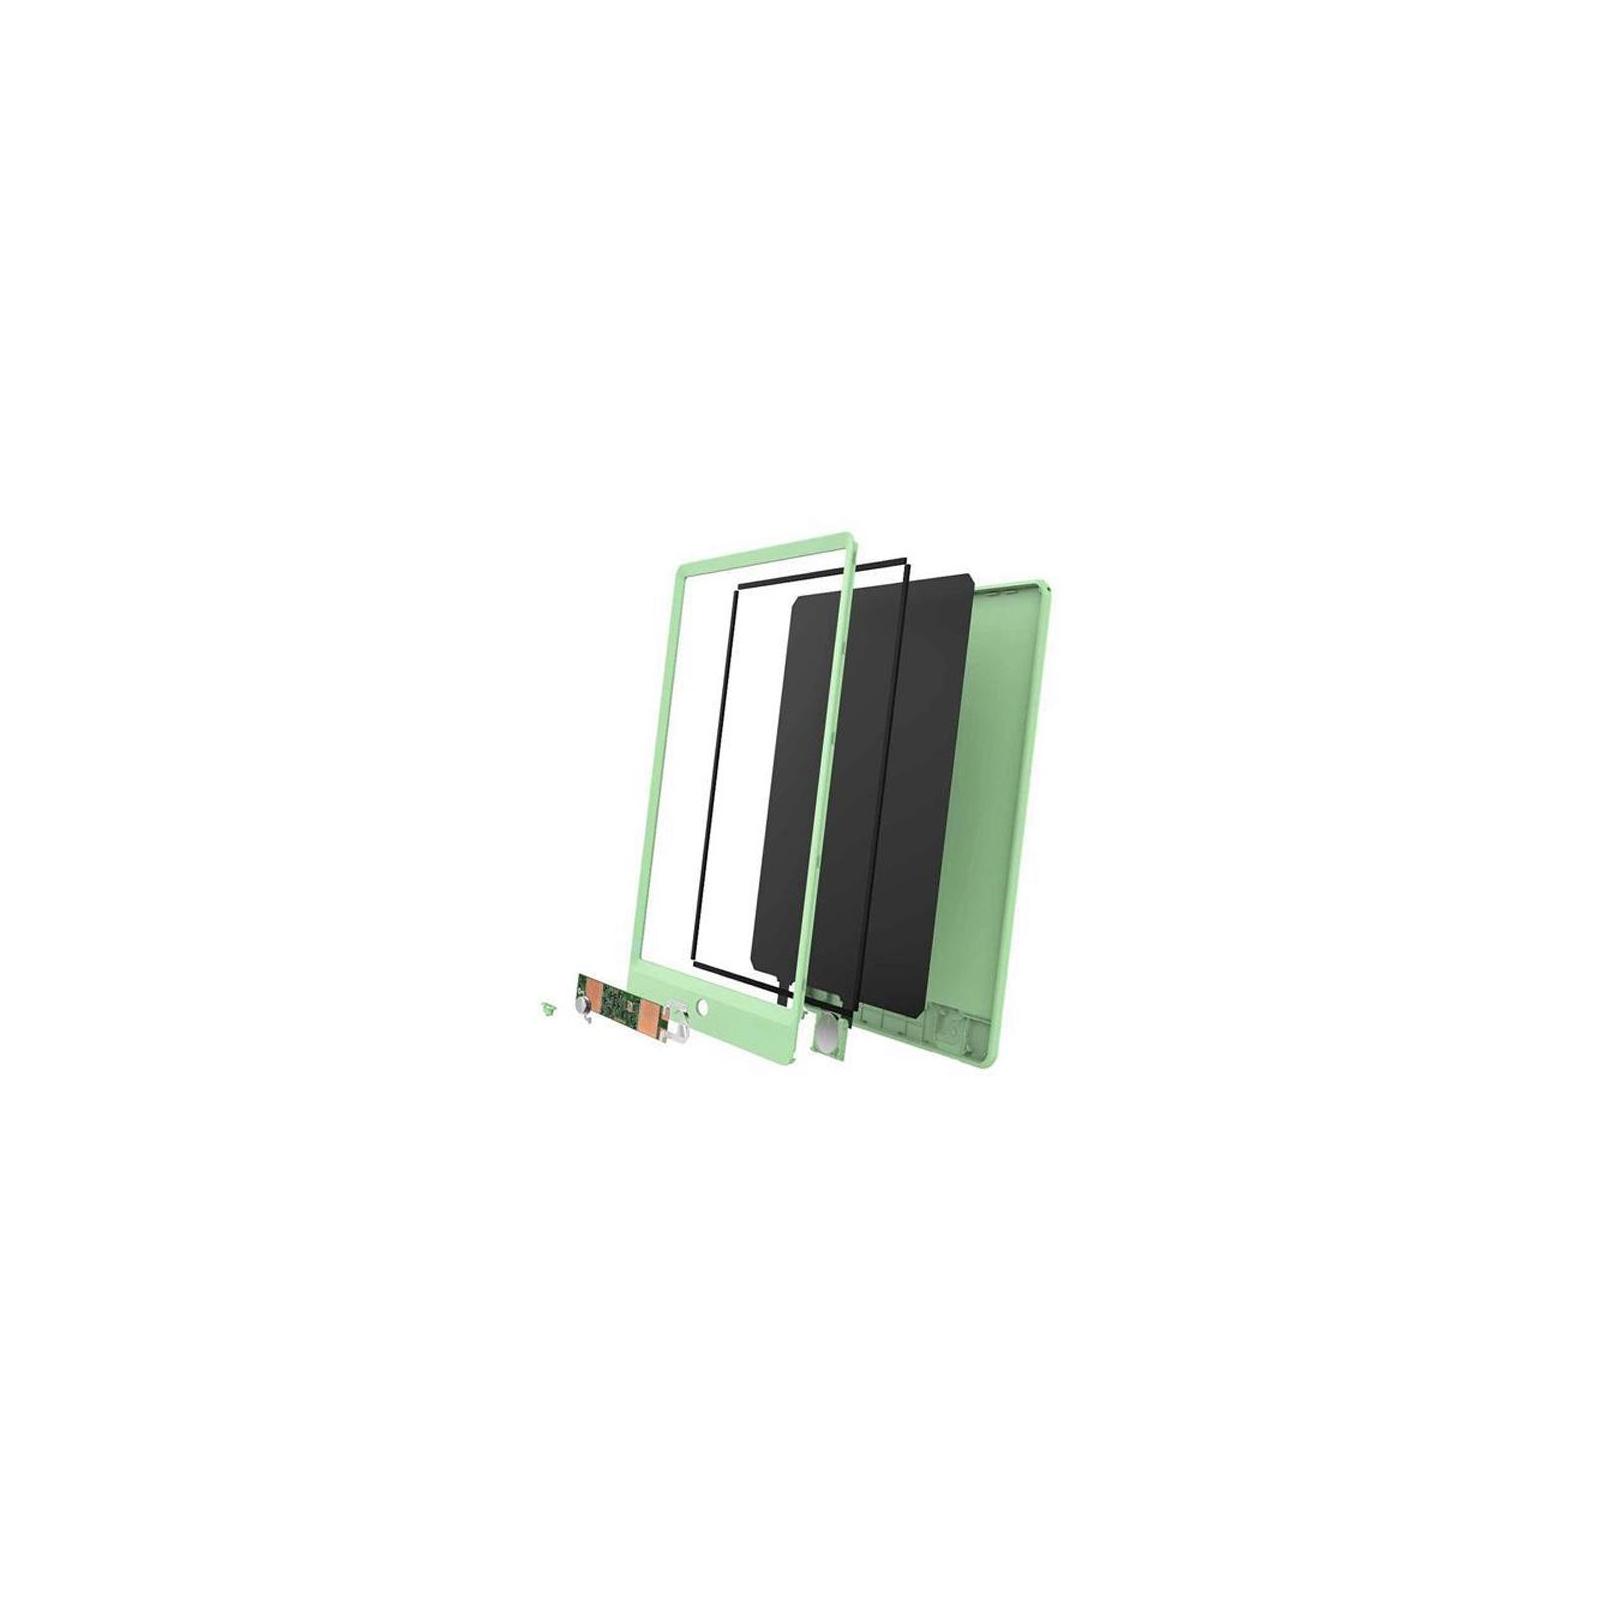 """Графический планшет Xiaomi Wicue Writing tablet 10"""" Green изображение 3"""